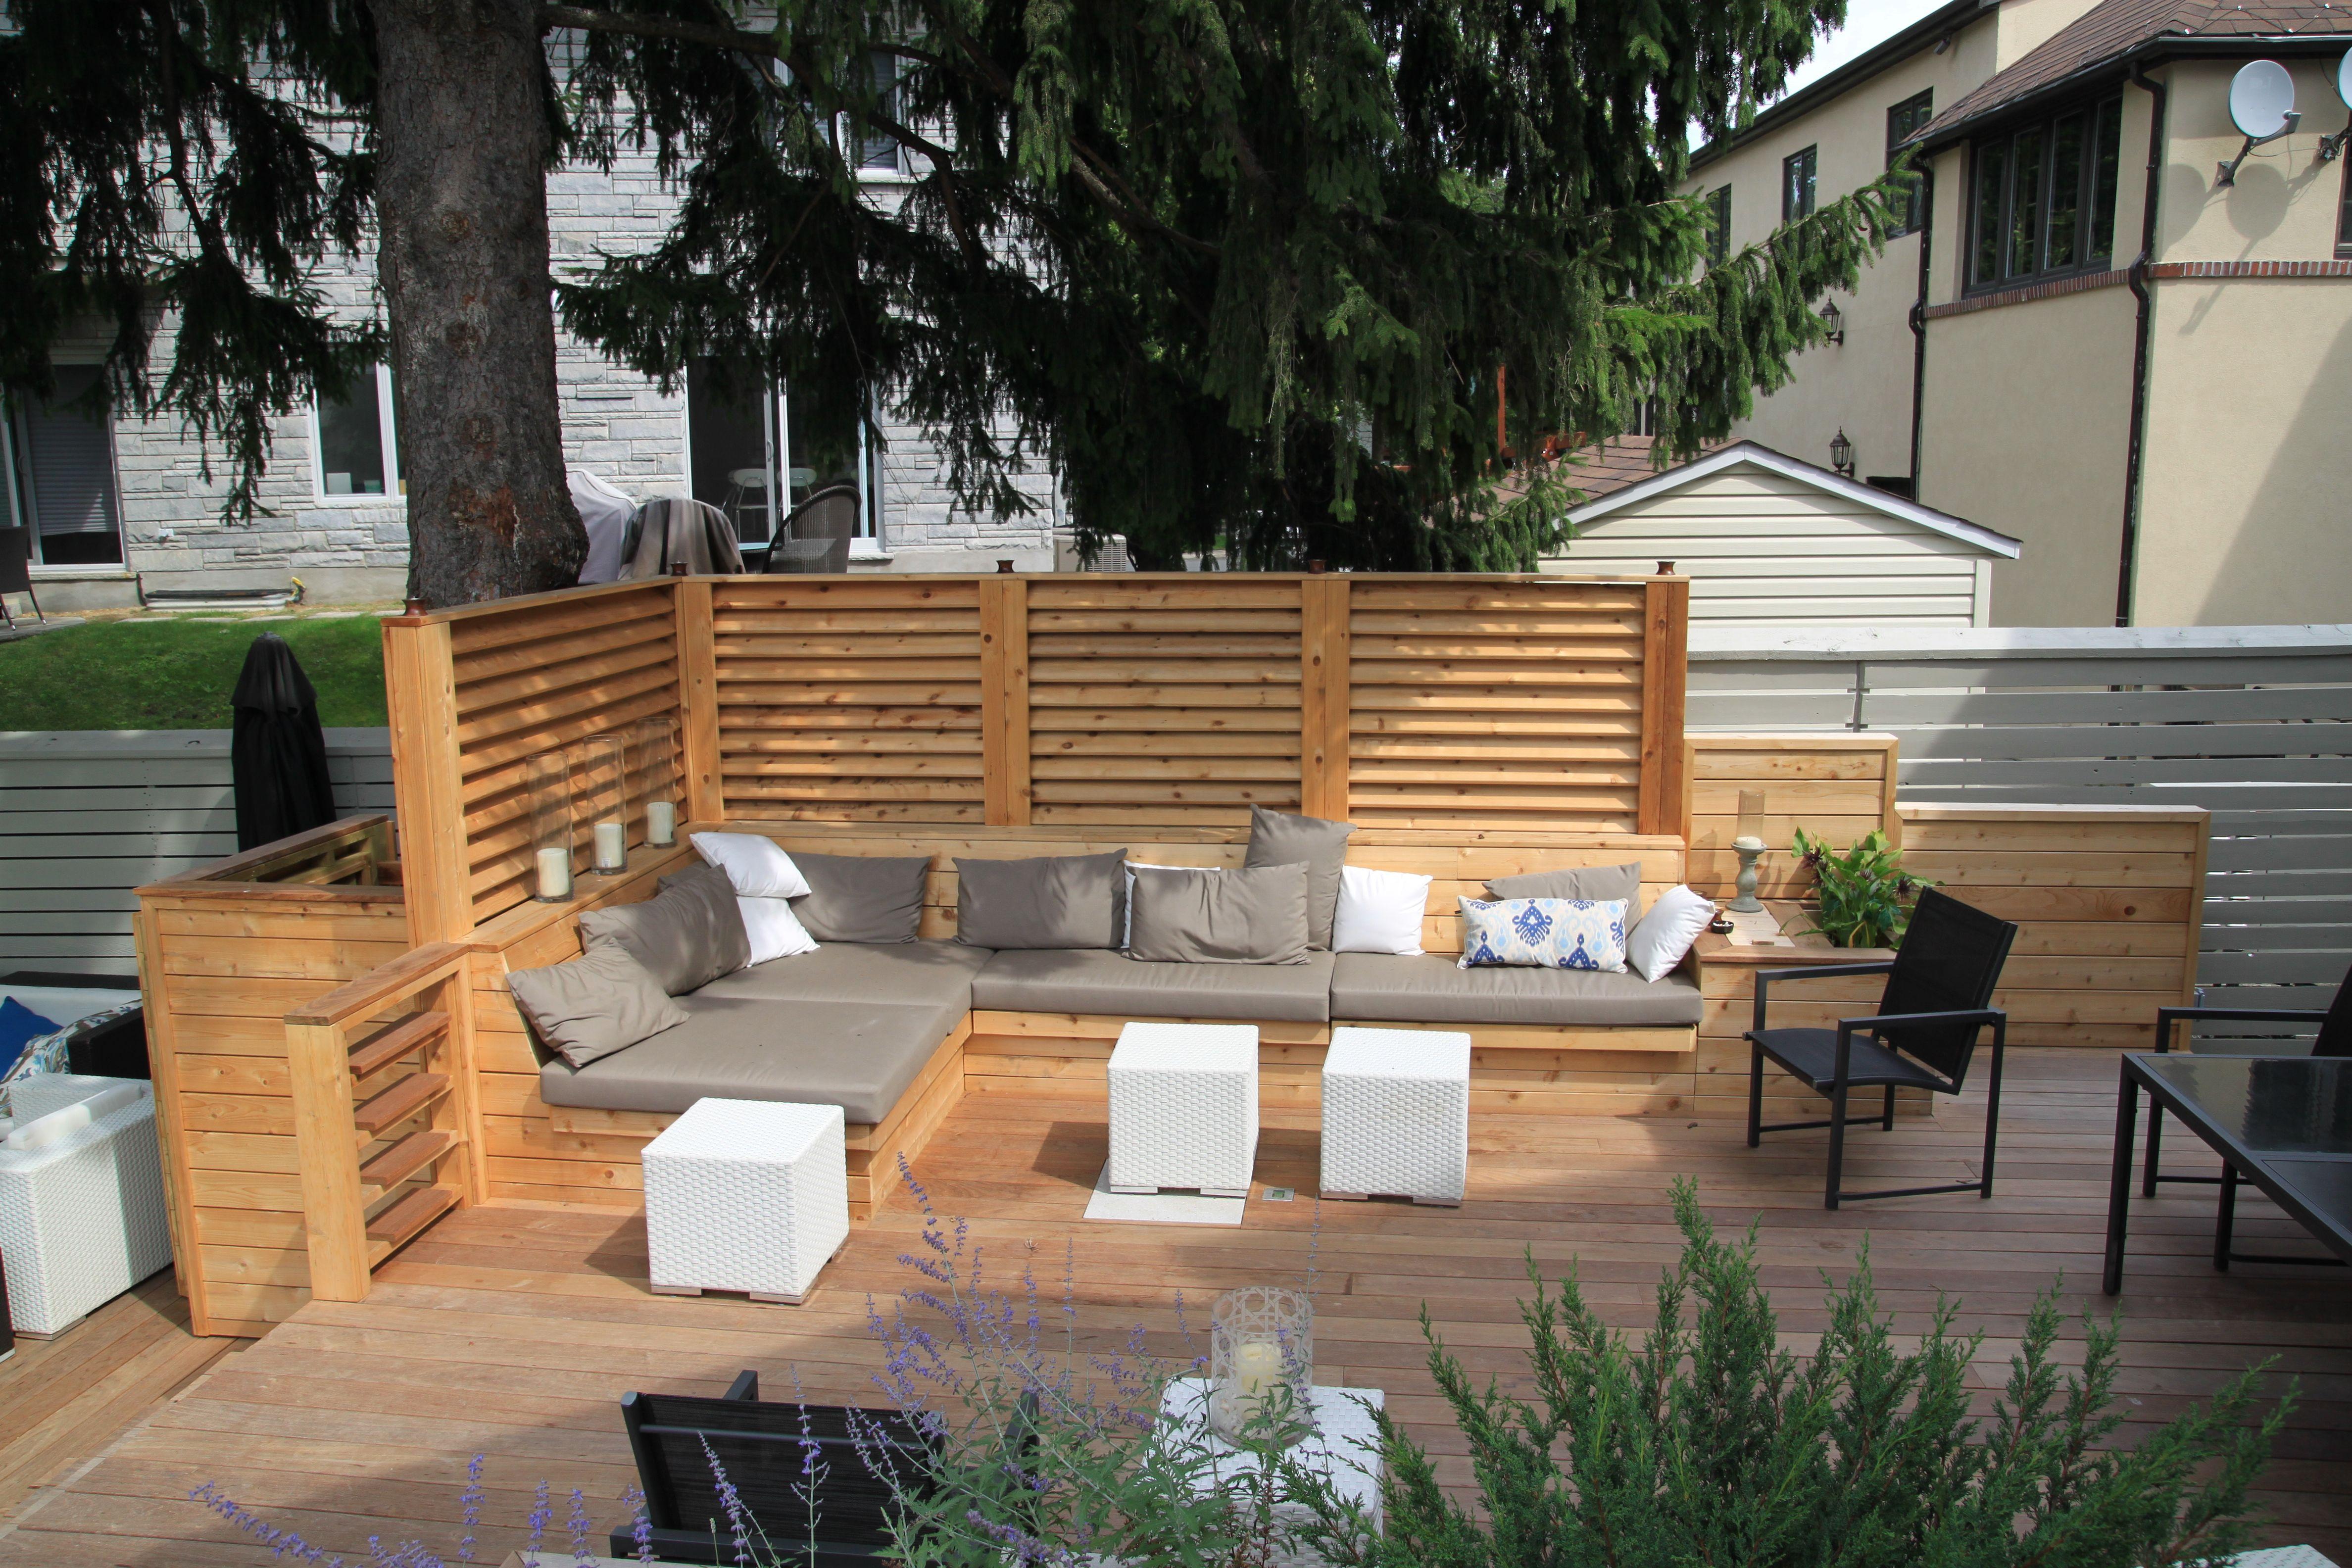 Aménagement D'Une Terrasse De Bois Avec Écrans En Bois De encequiconcerne Idées Terrasses Extérieures